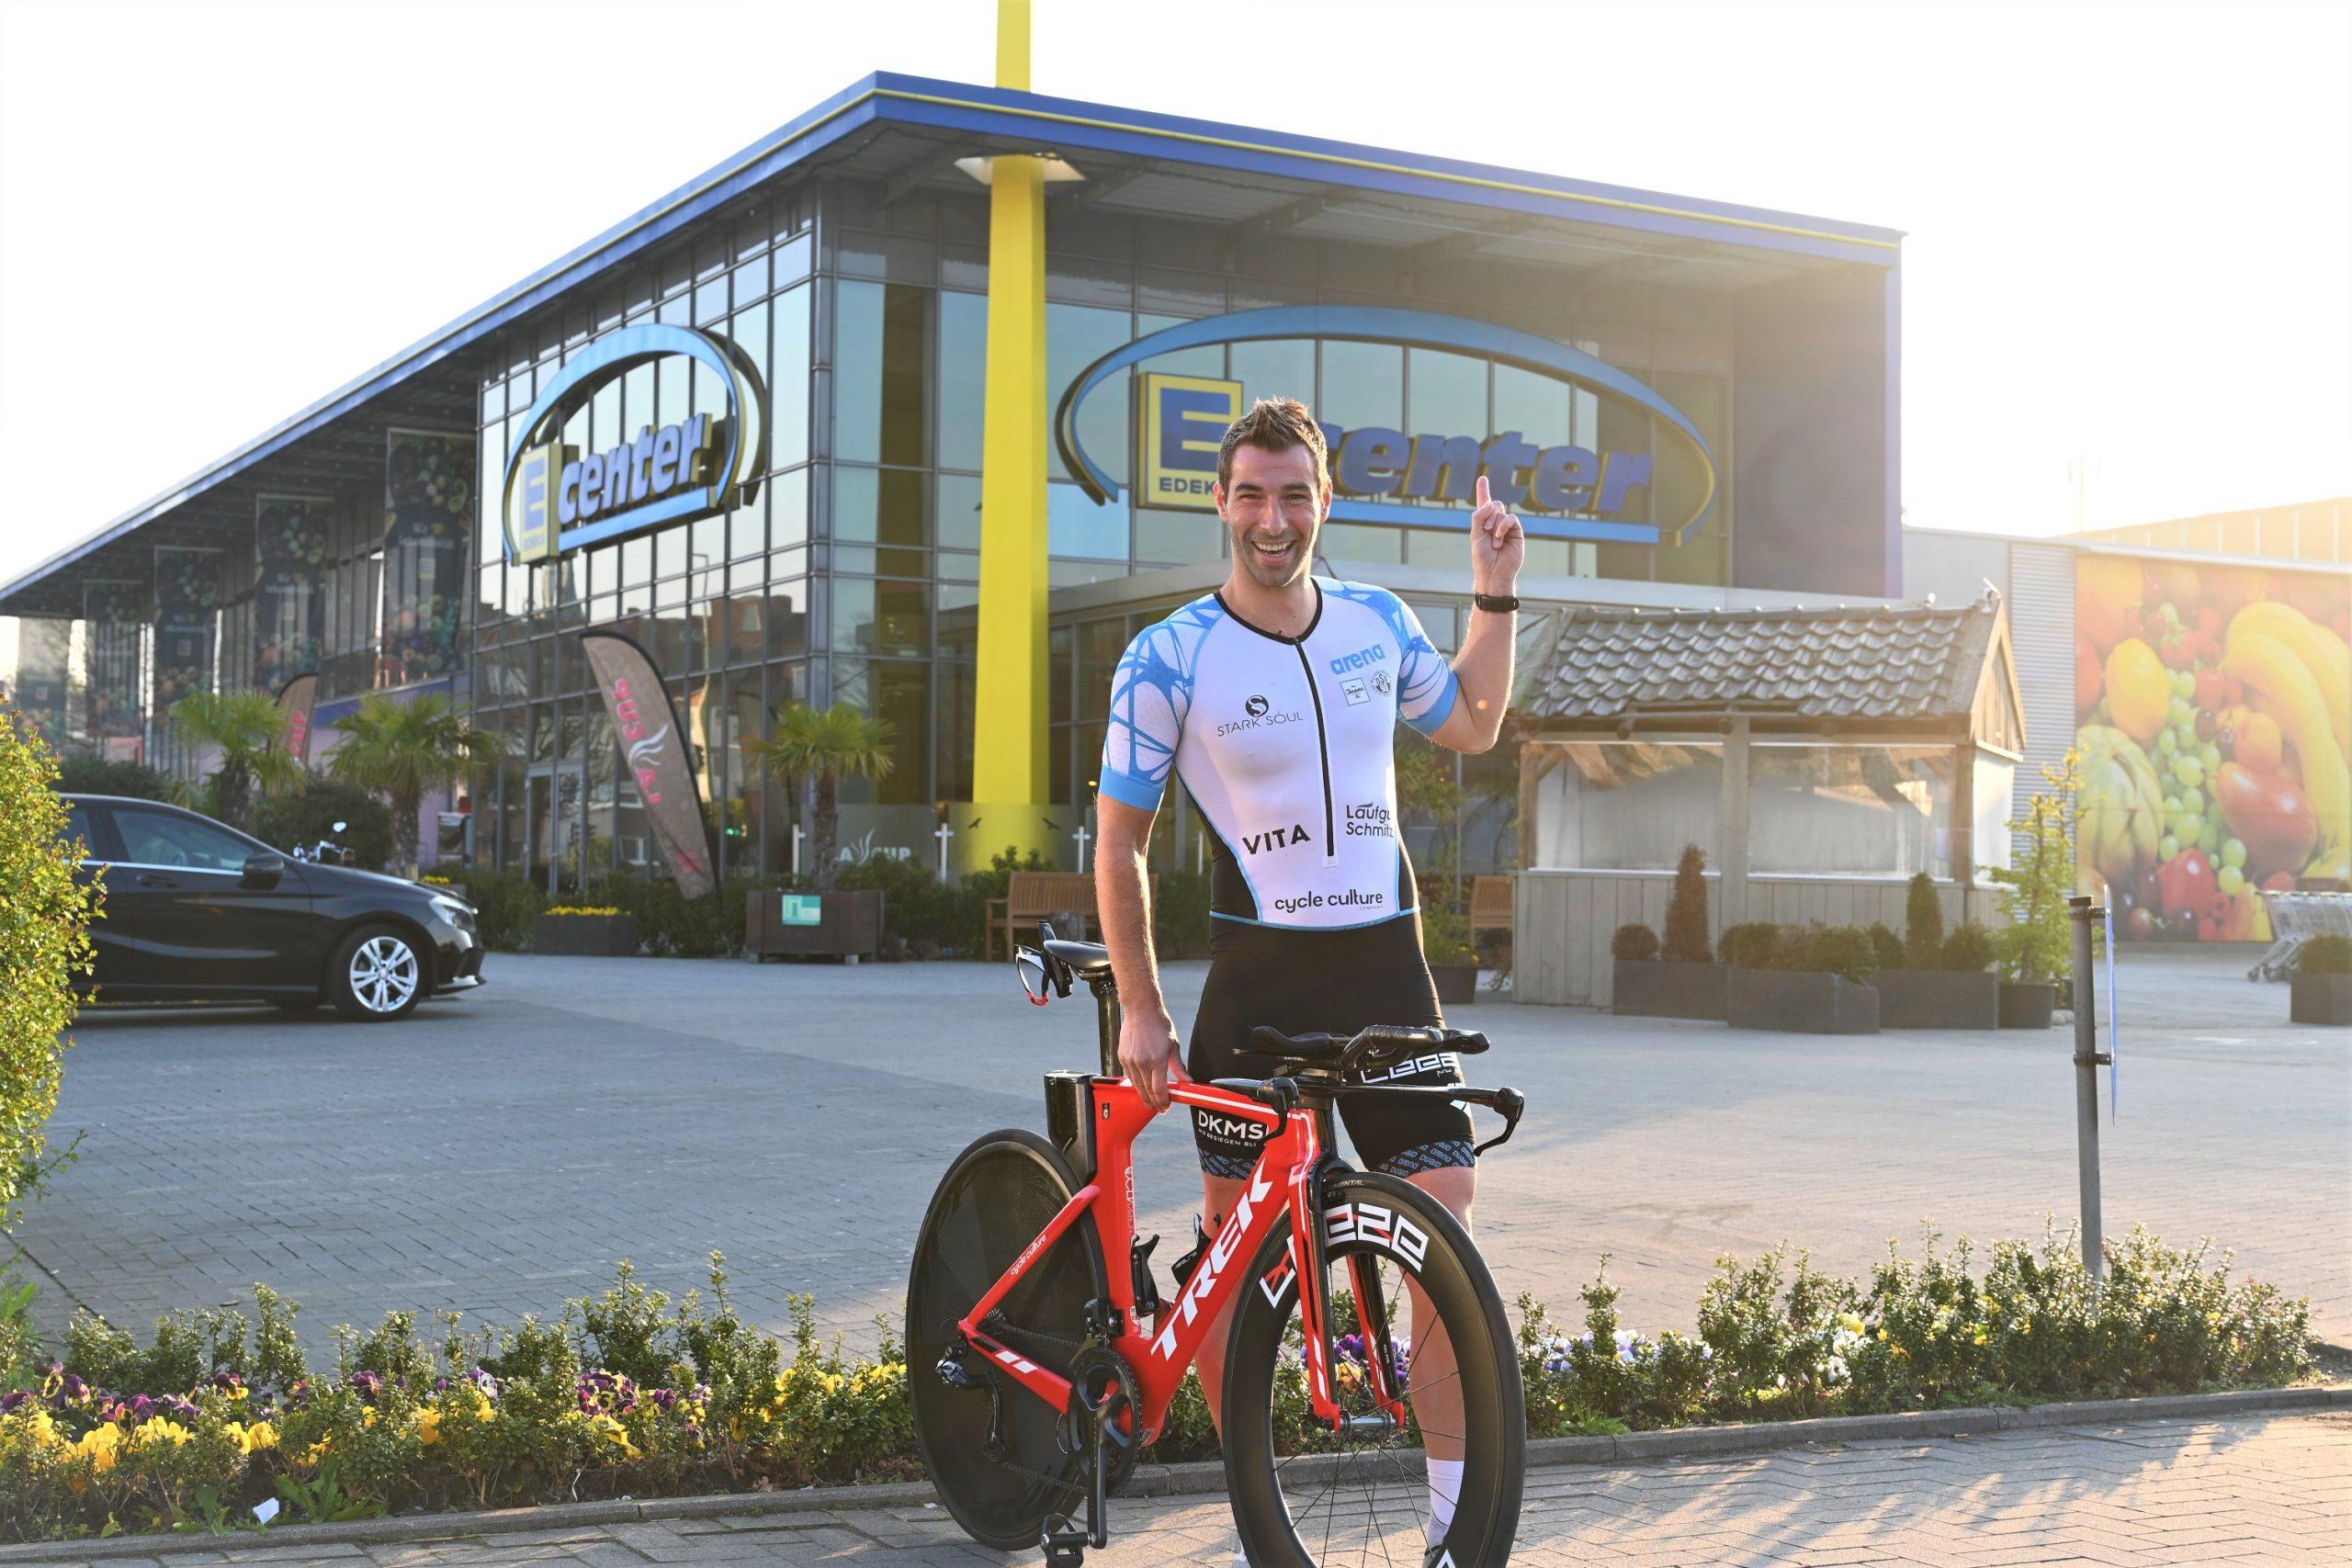 Wir unterstützen Sven Wies auf seinem Weg nach Hawaii!